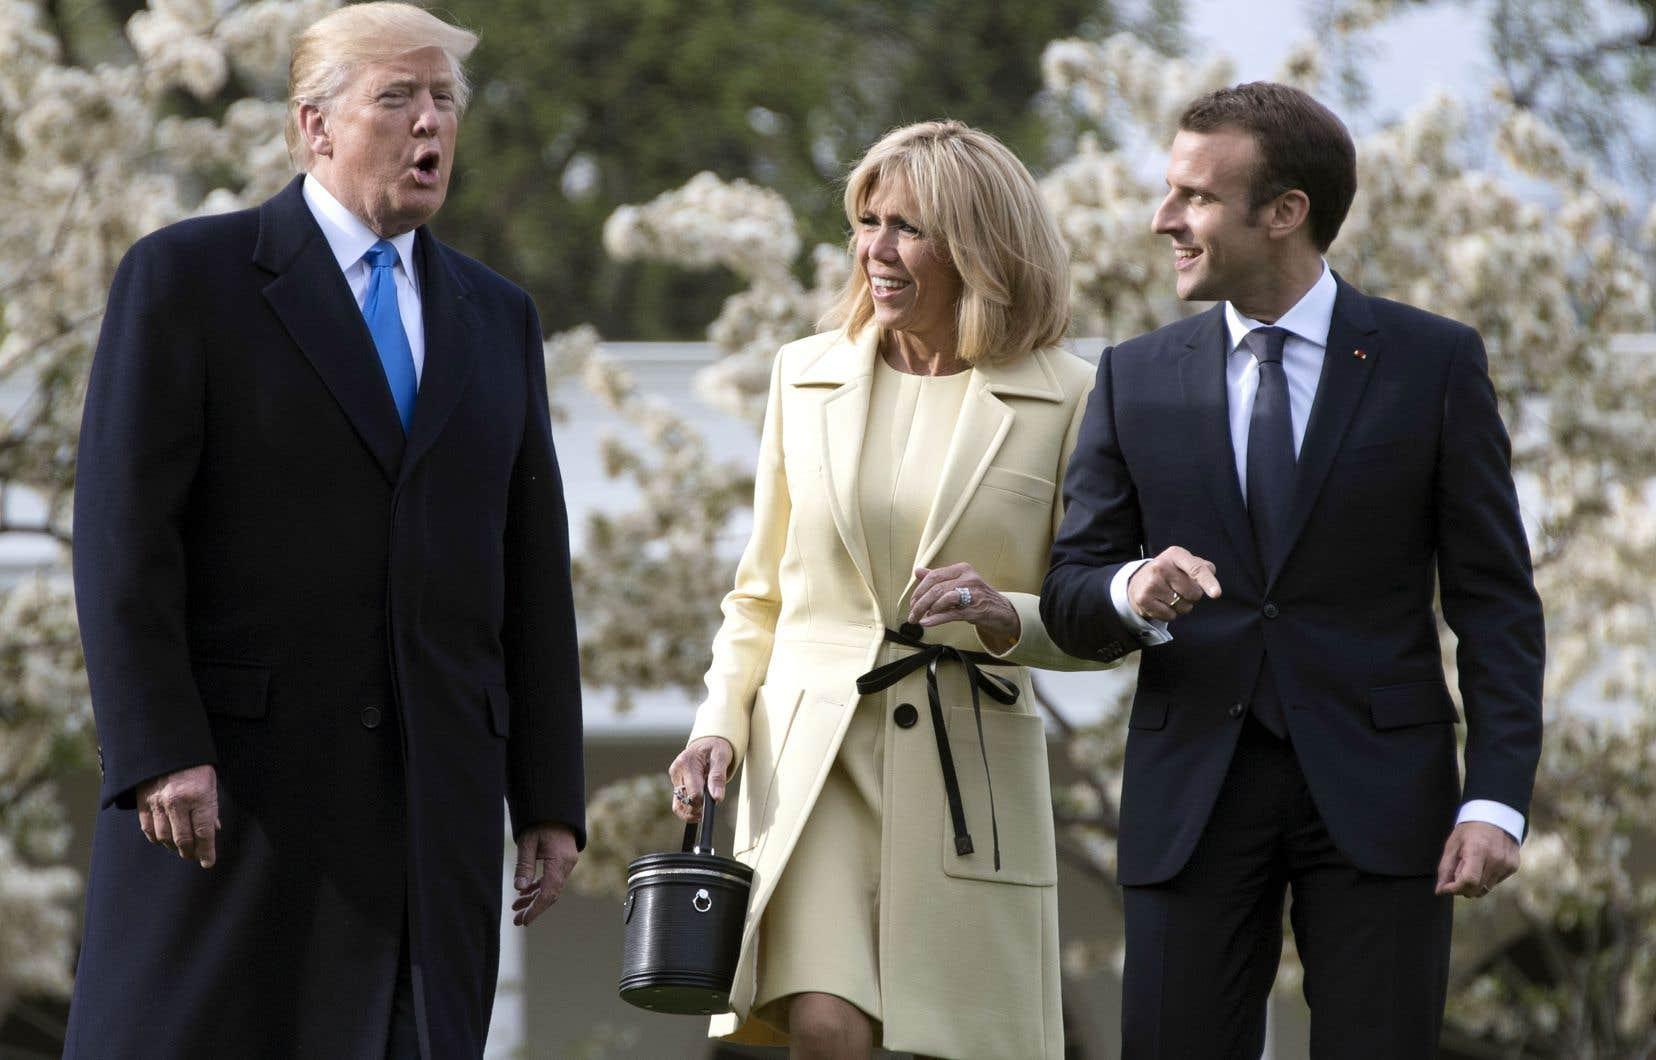 Donald Trump, avec le président français Emmanuel Macron et son épouse Brigitte, à l'été 2018. Cette dernière est familière des manières du président américain, qui lui avait lancé l'année d'avant un «You're in such good shape!» qui avait divisé les traducteurs.